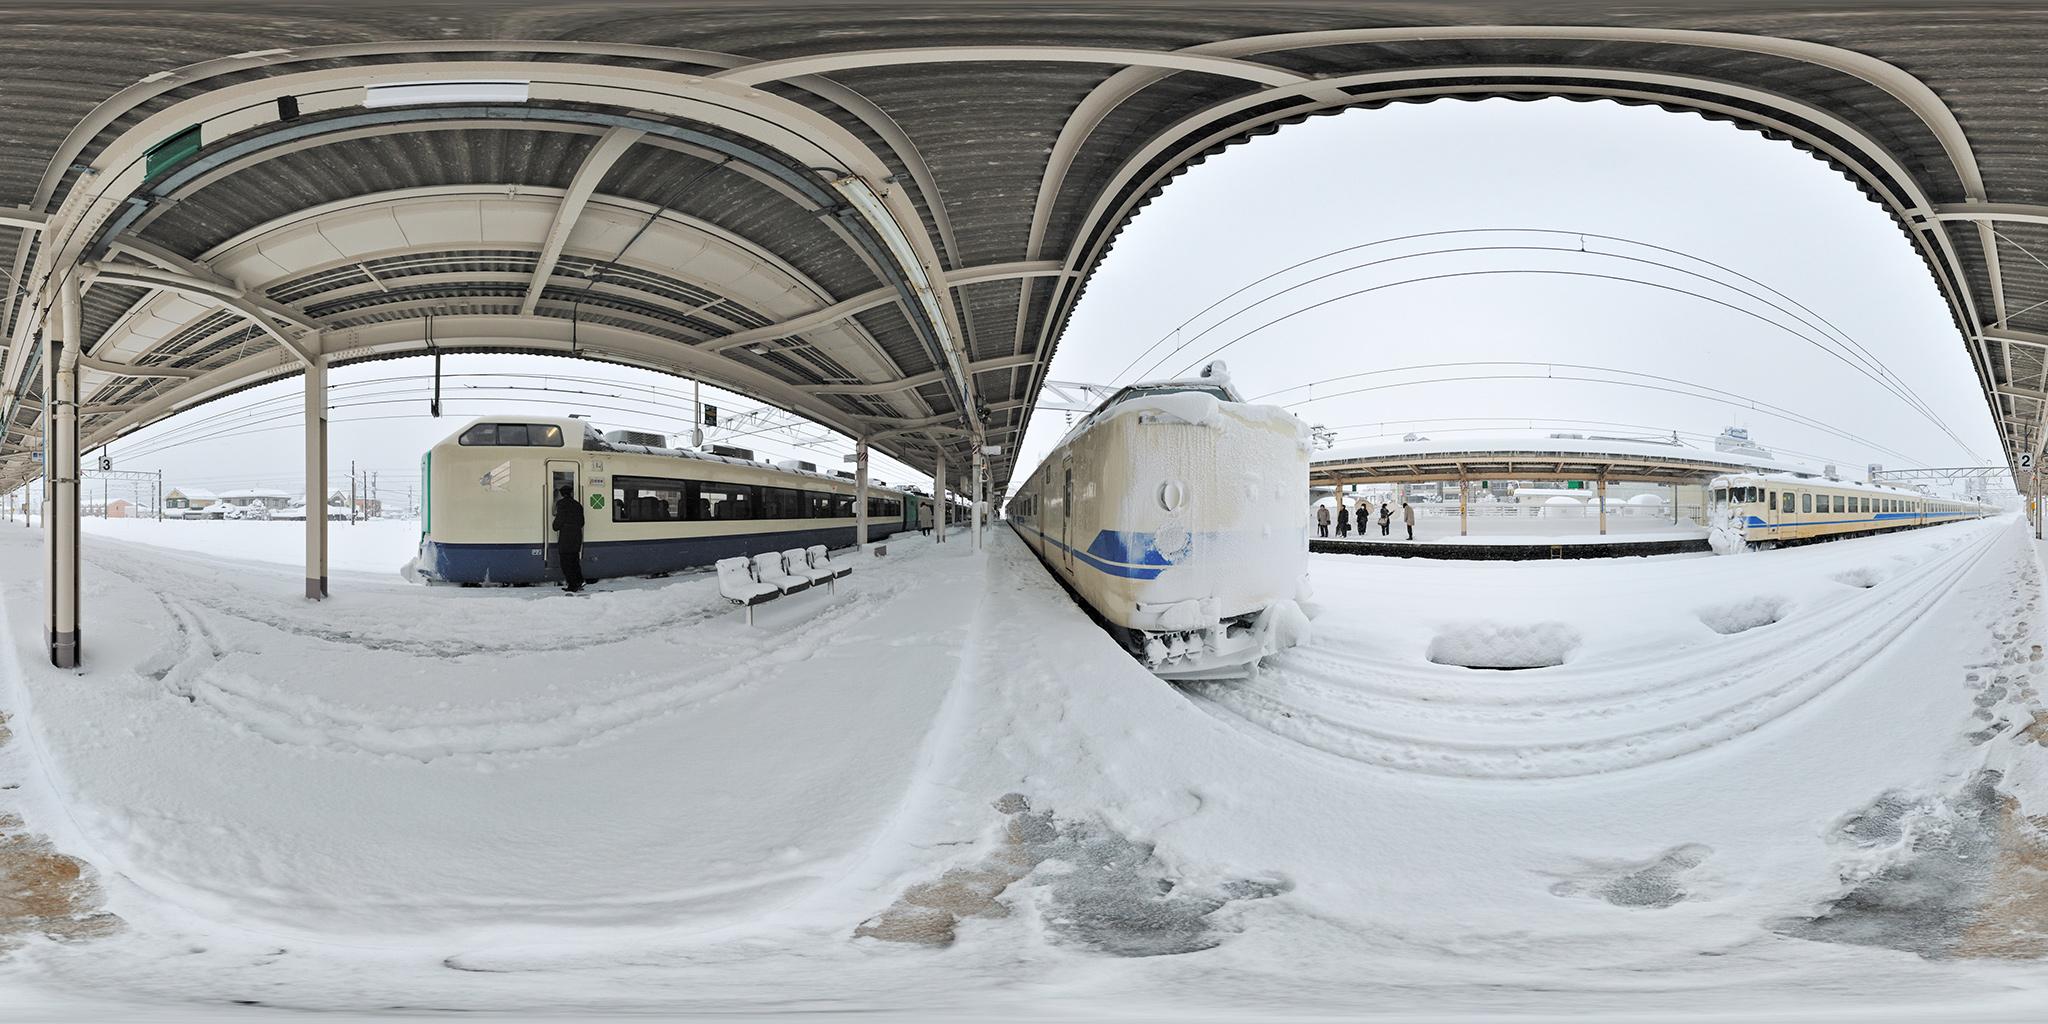 魚津駅にて485系・419系・475系